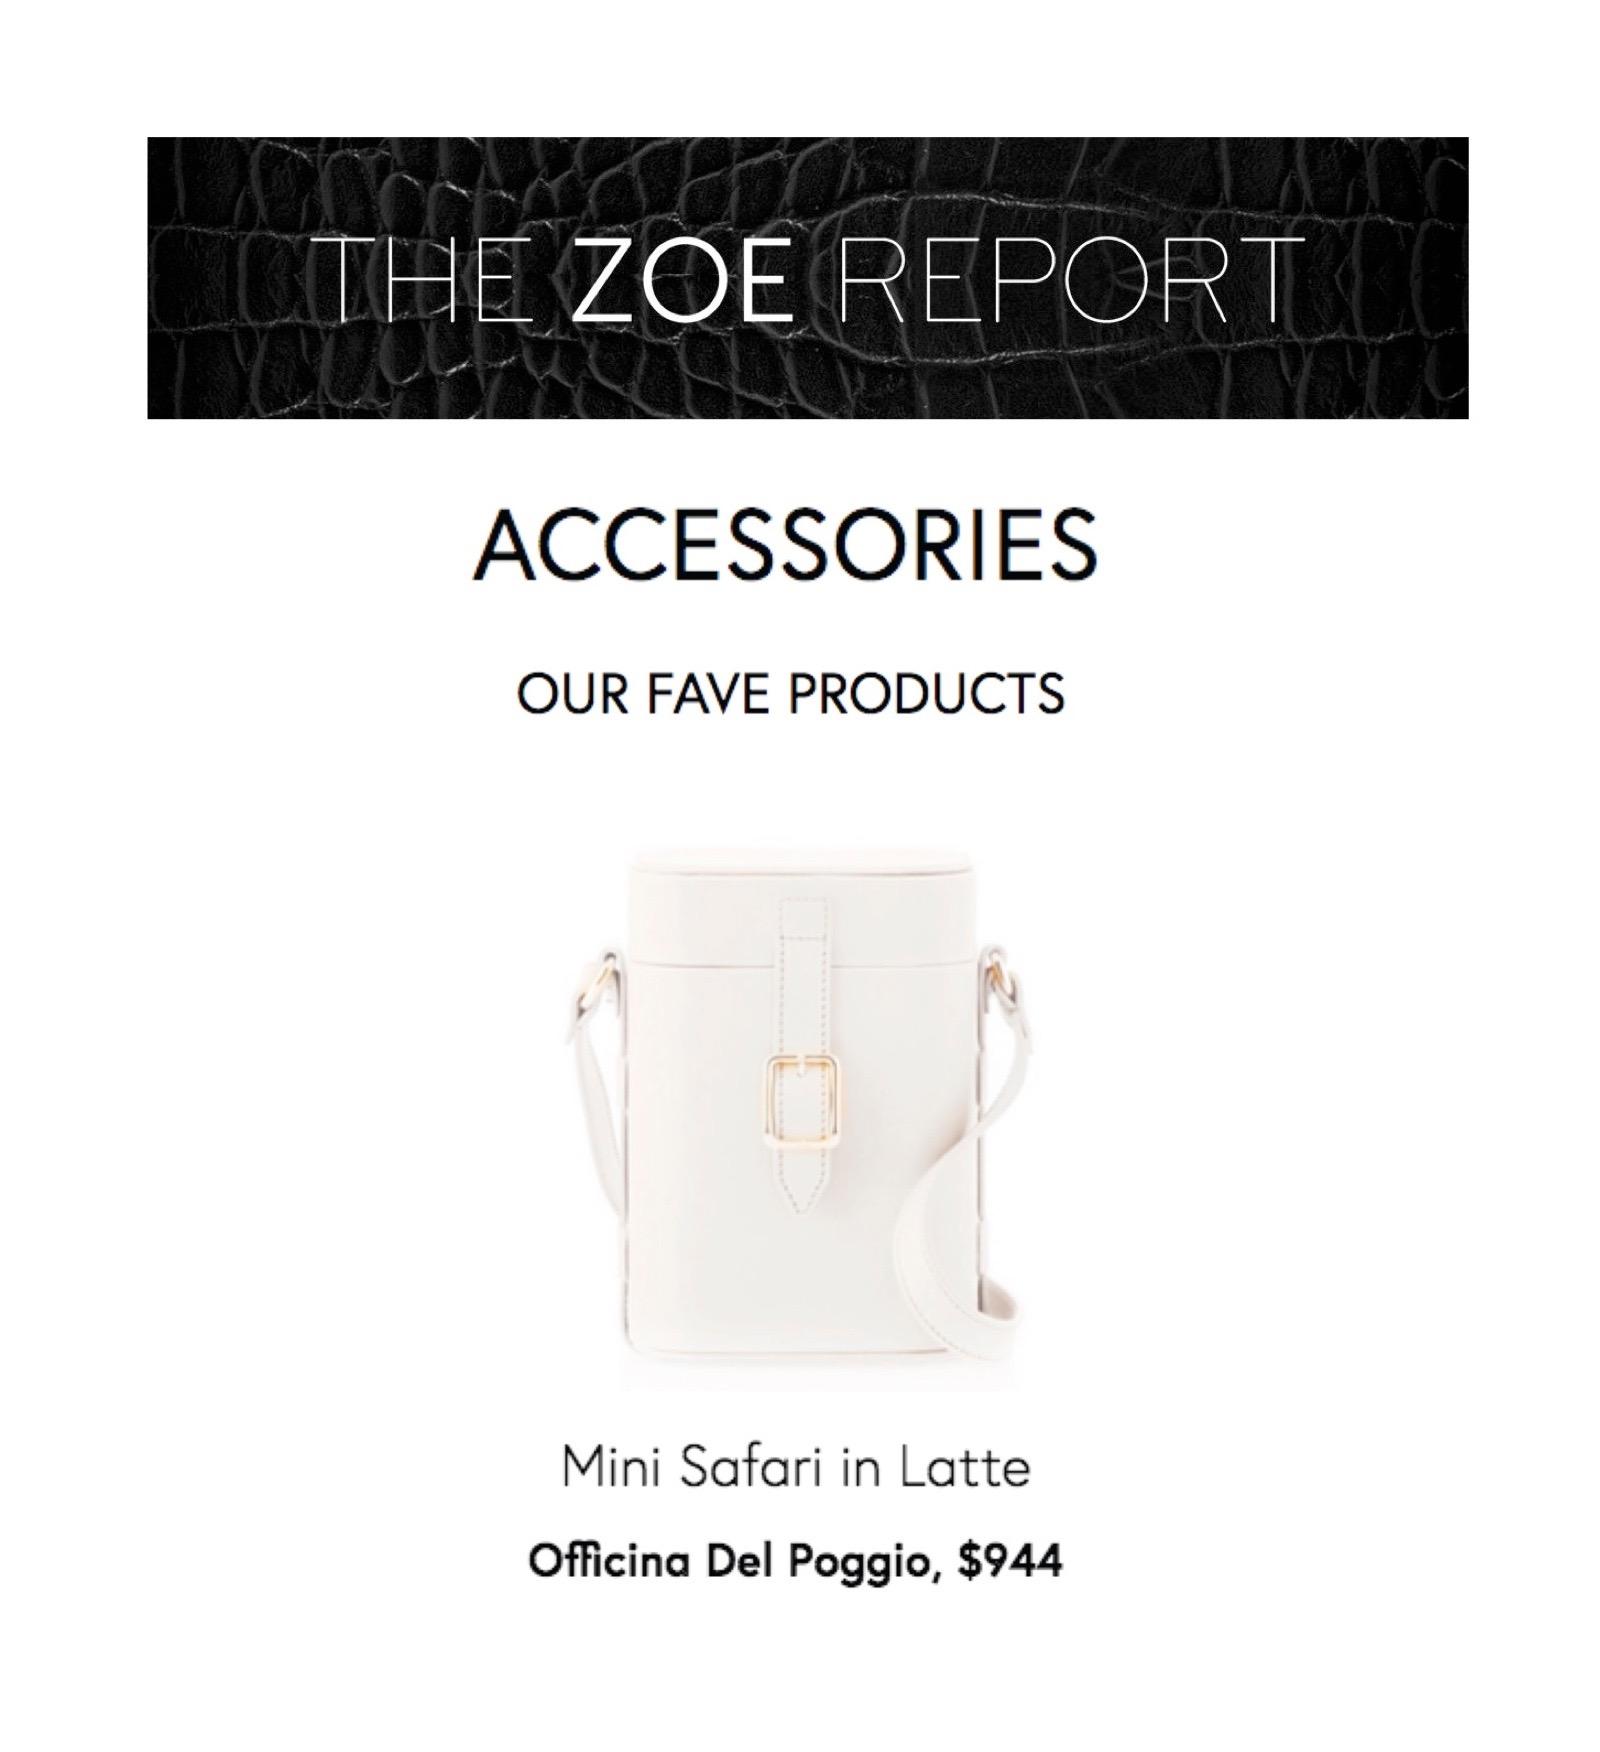 The-Zoe-Report-Accessories-ODP-Officina-del-Poggio